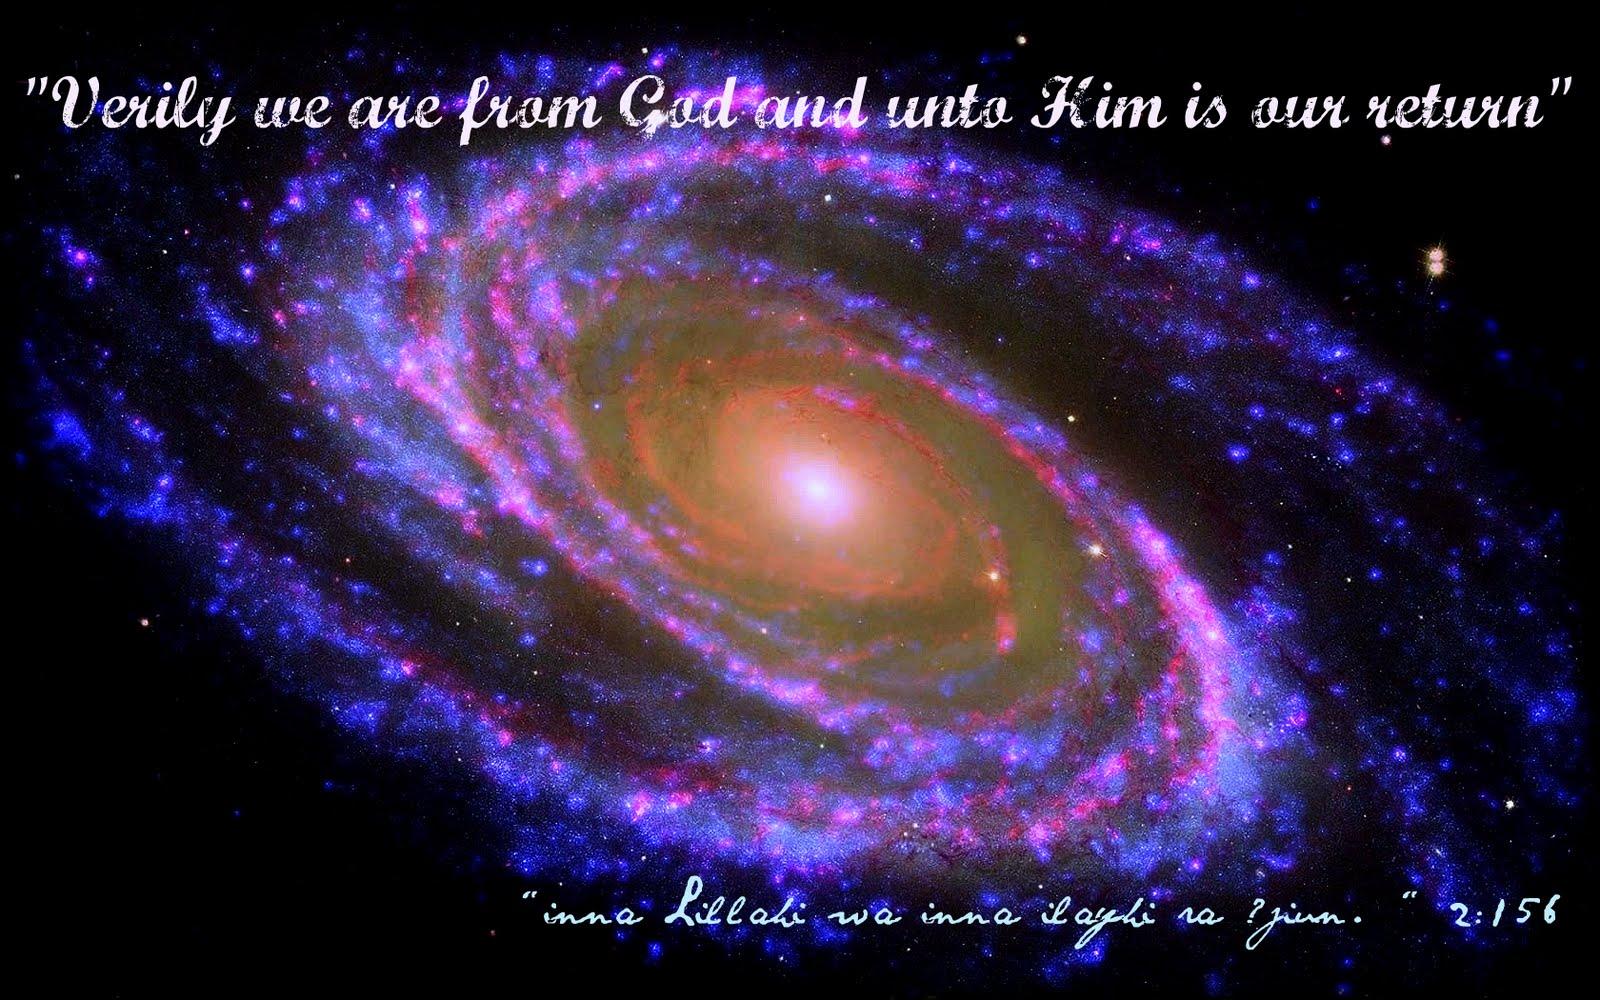 http://1.bp.blogspot.com/-ItMOgXEUT_w/TcaBKEJGDmI/AAAAAAAABvc/upOmbY6kSzs/s1600/M81-galaxy-wallpaper-1680-1050.jpg